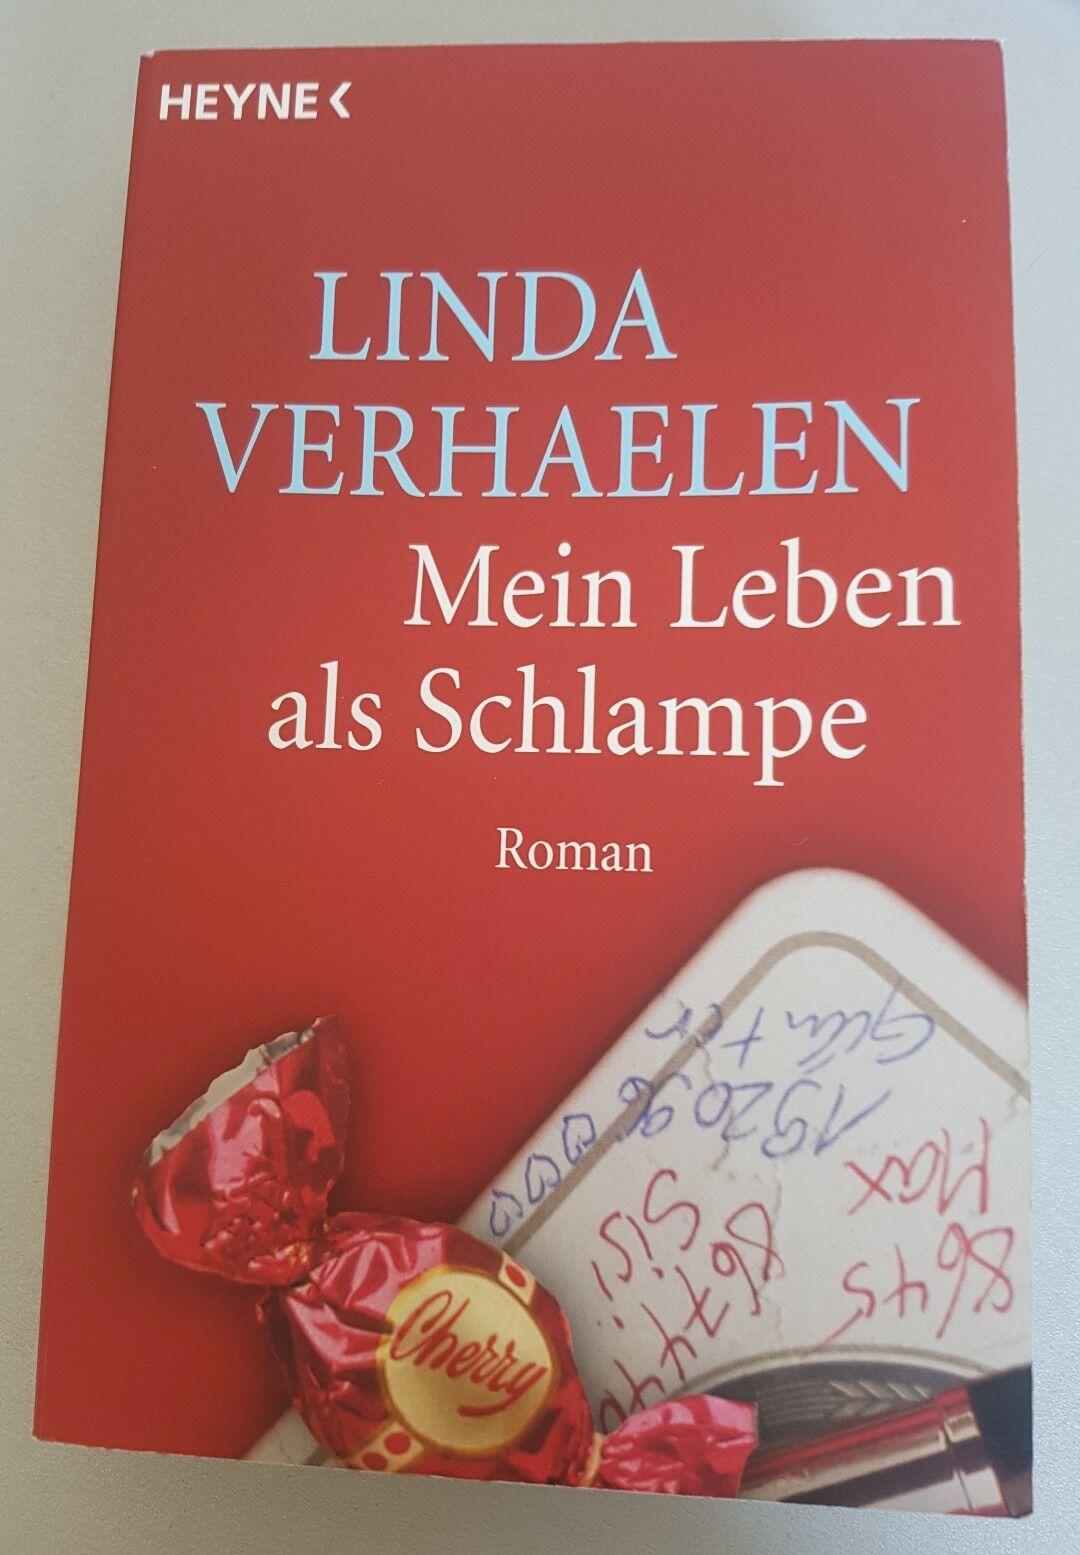 f6264725d2 Mein Leben als Schlampe von Linda Verhaelen (2005, Taschenbuch) günstig  kaufen   eBay